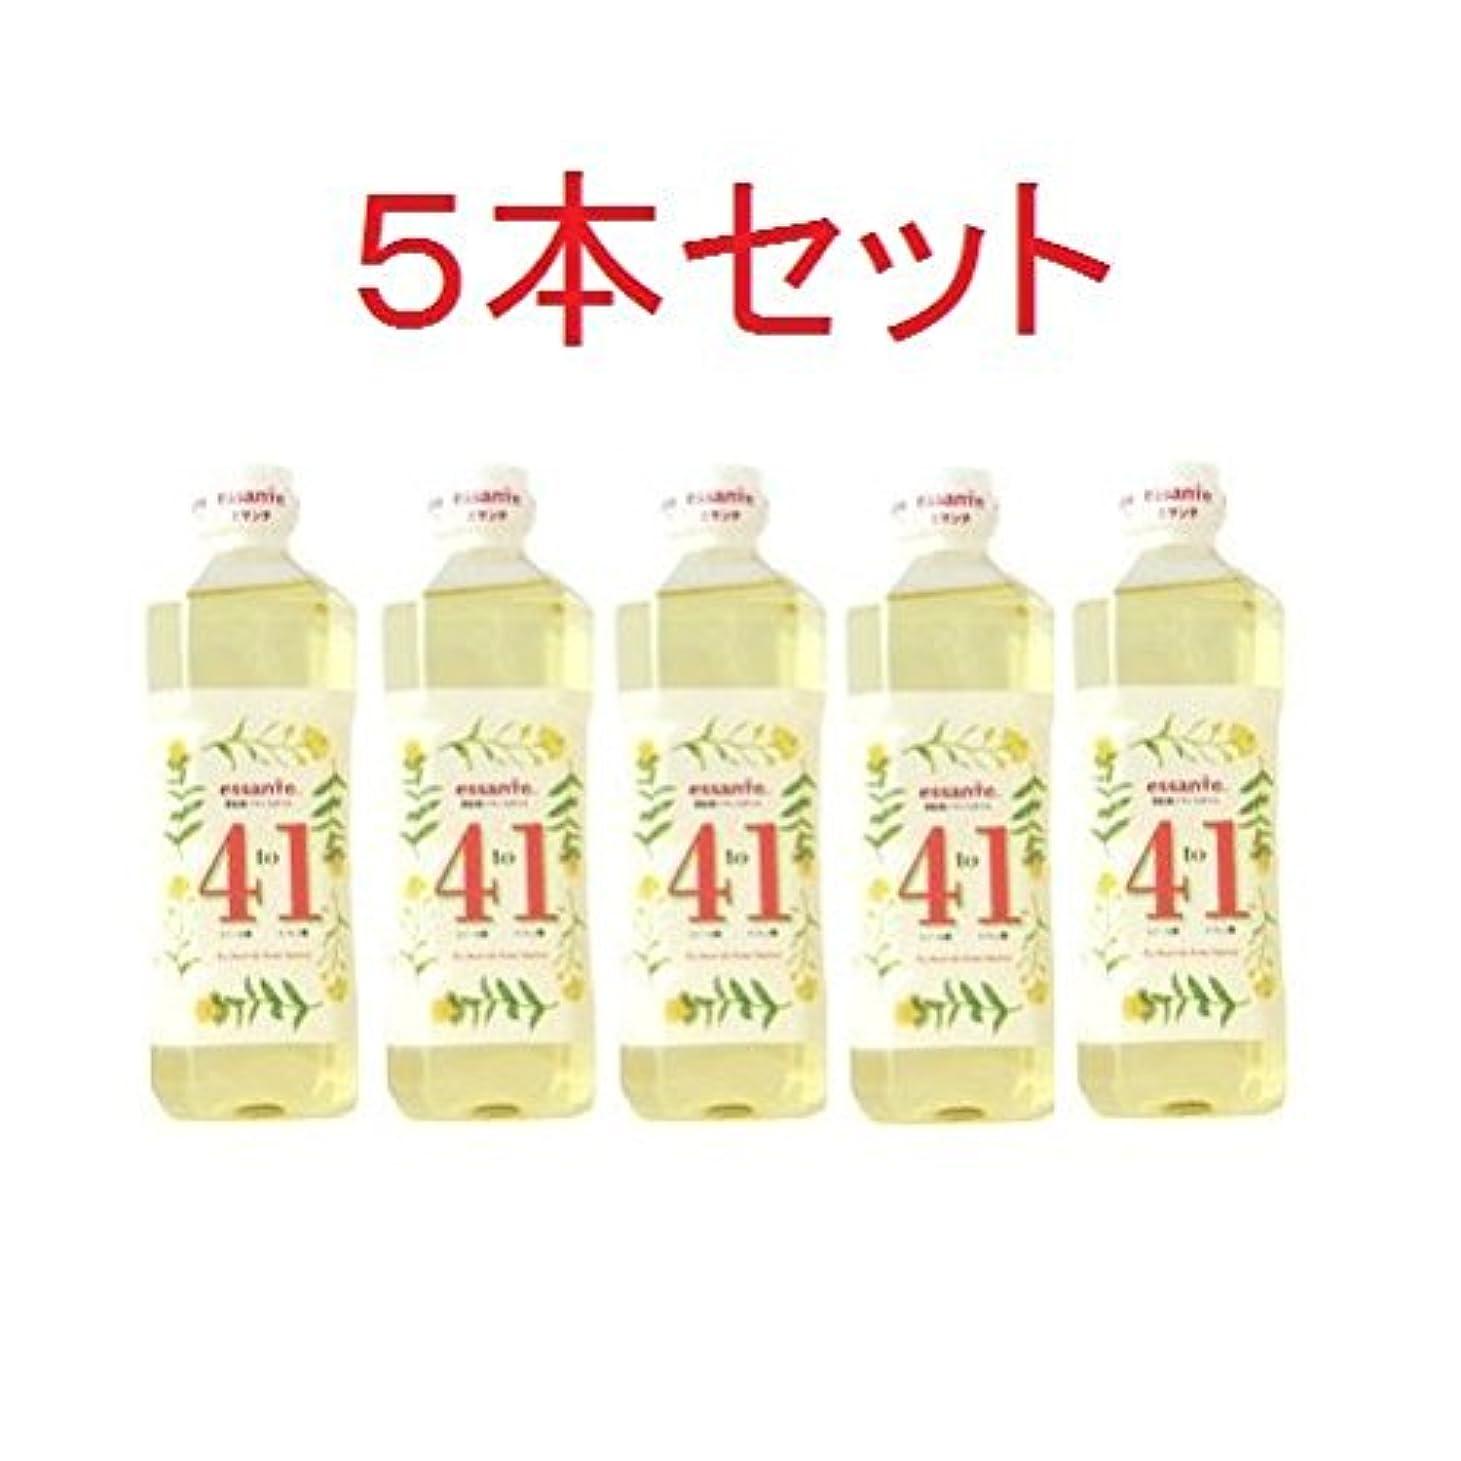 メアリアンジョーンズアグネスグレイ贈り物5本セット アムウェイ エサンテ 4 to 1 脂肪酸バランスオイル